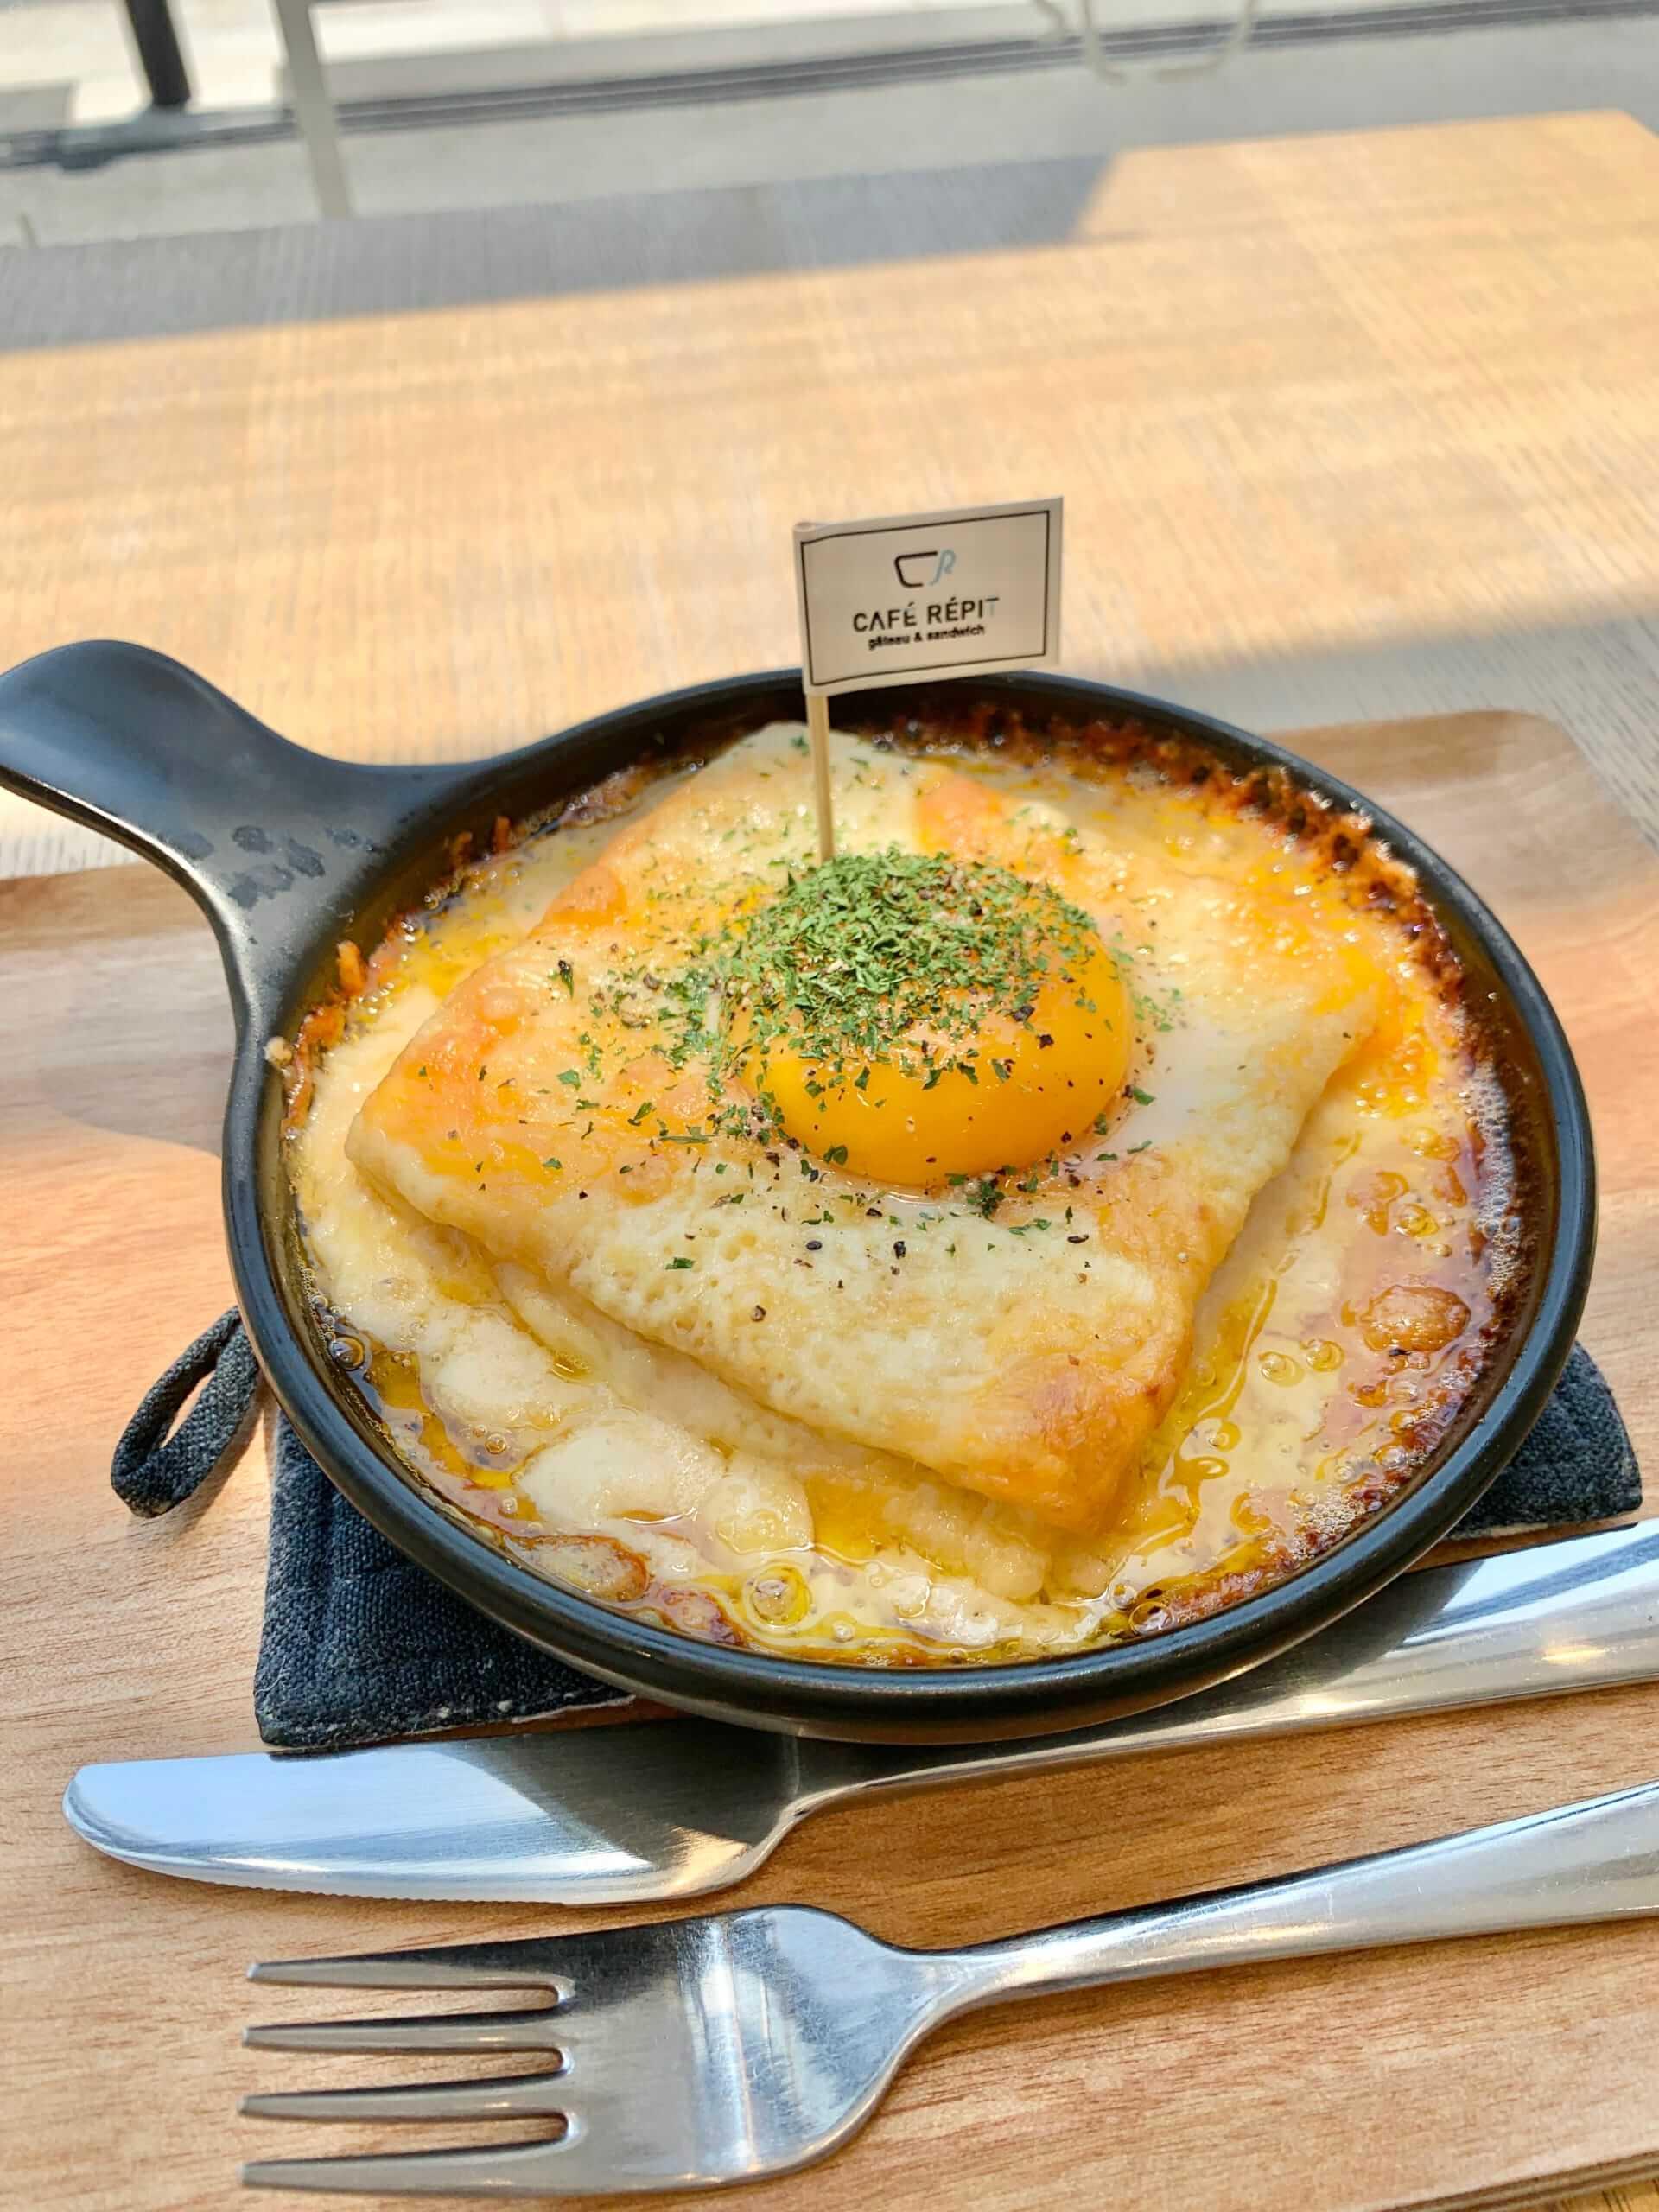 CAFÉ RÉPIT (カフェレピ)のオーブントースト クロックマダム/¥690(税抜き)